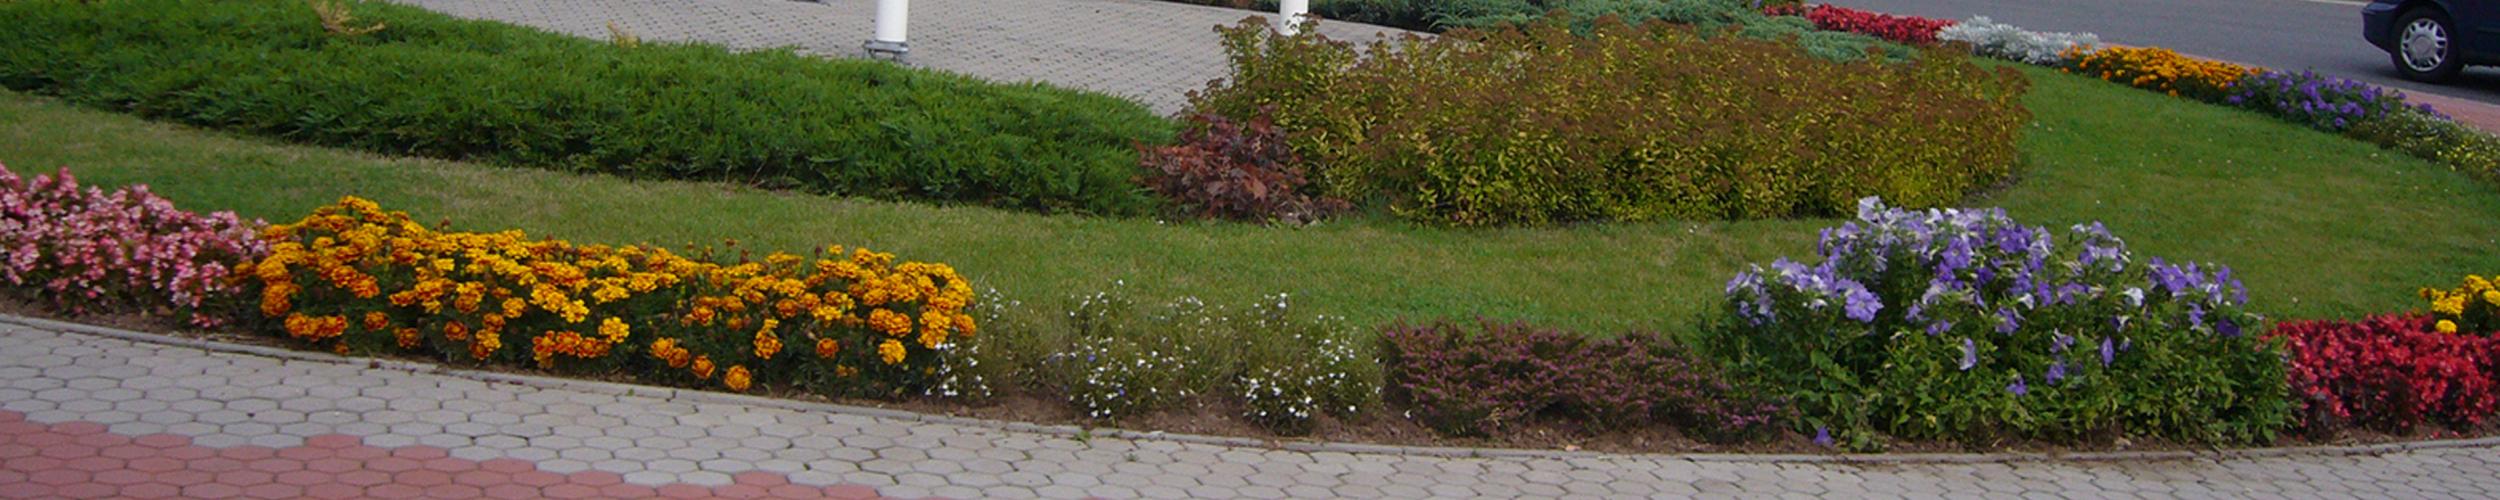 Květinové záhony v Trutnov